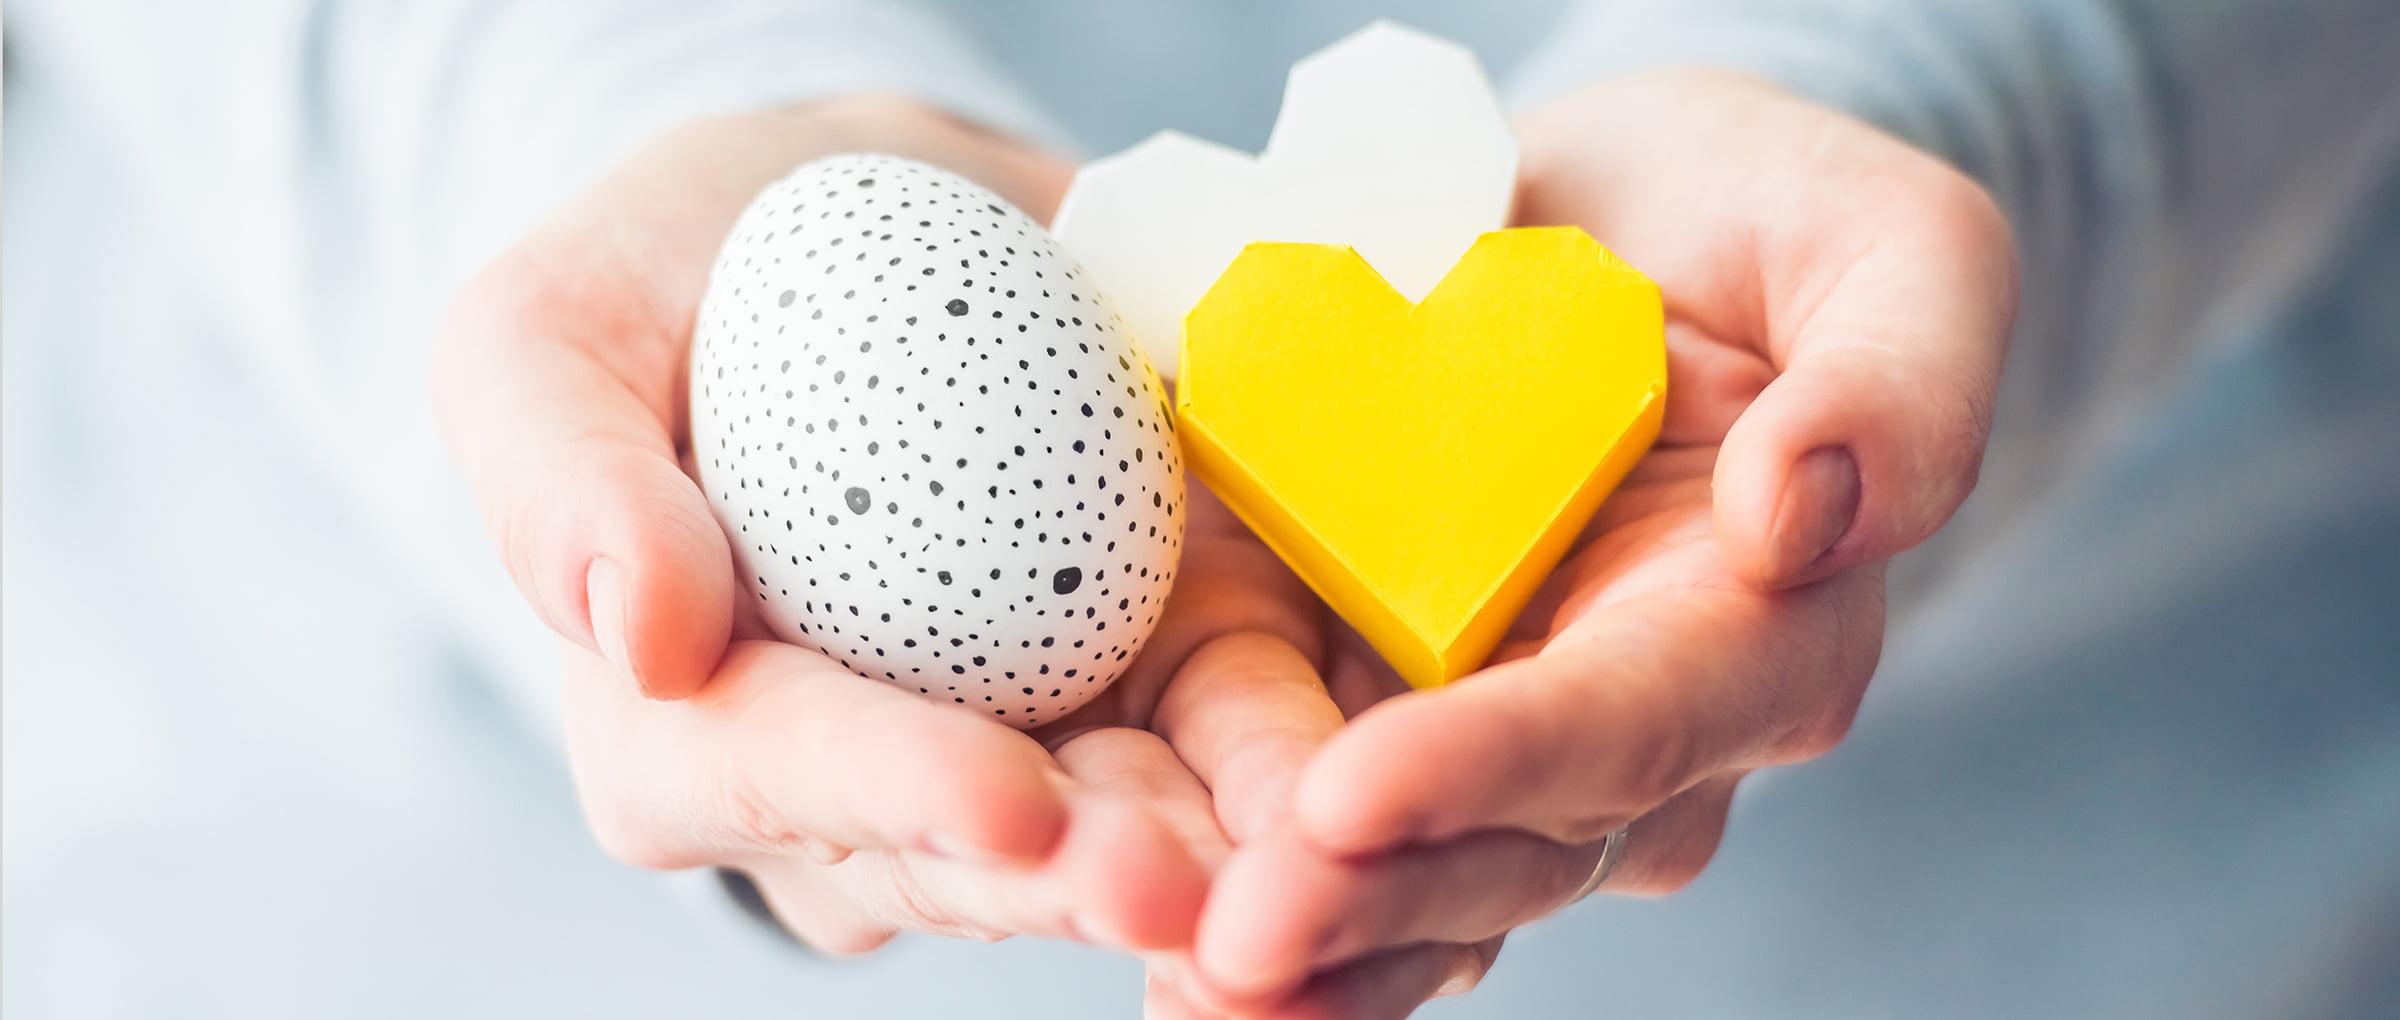 Tratamientos de donación de óvulos y semen en República Checa